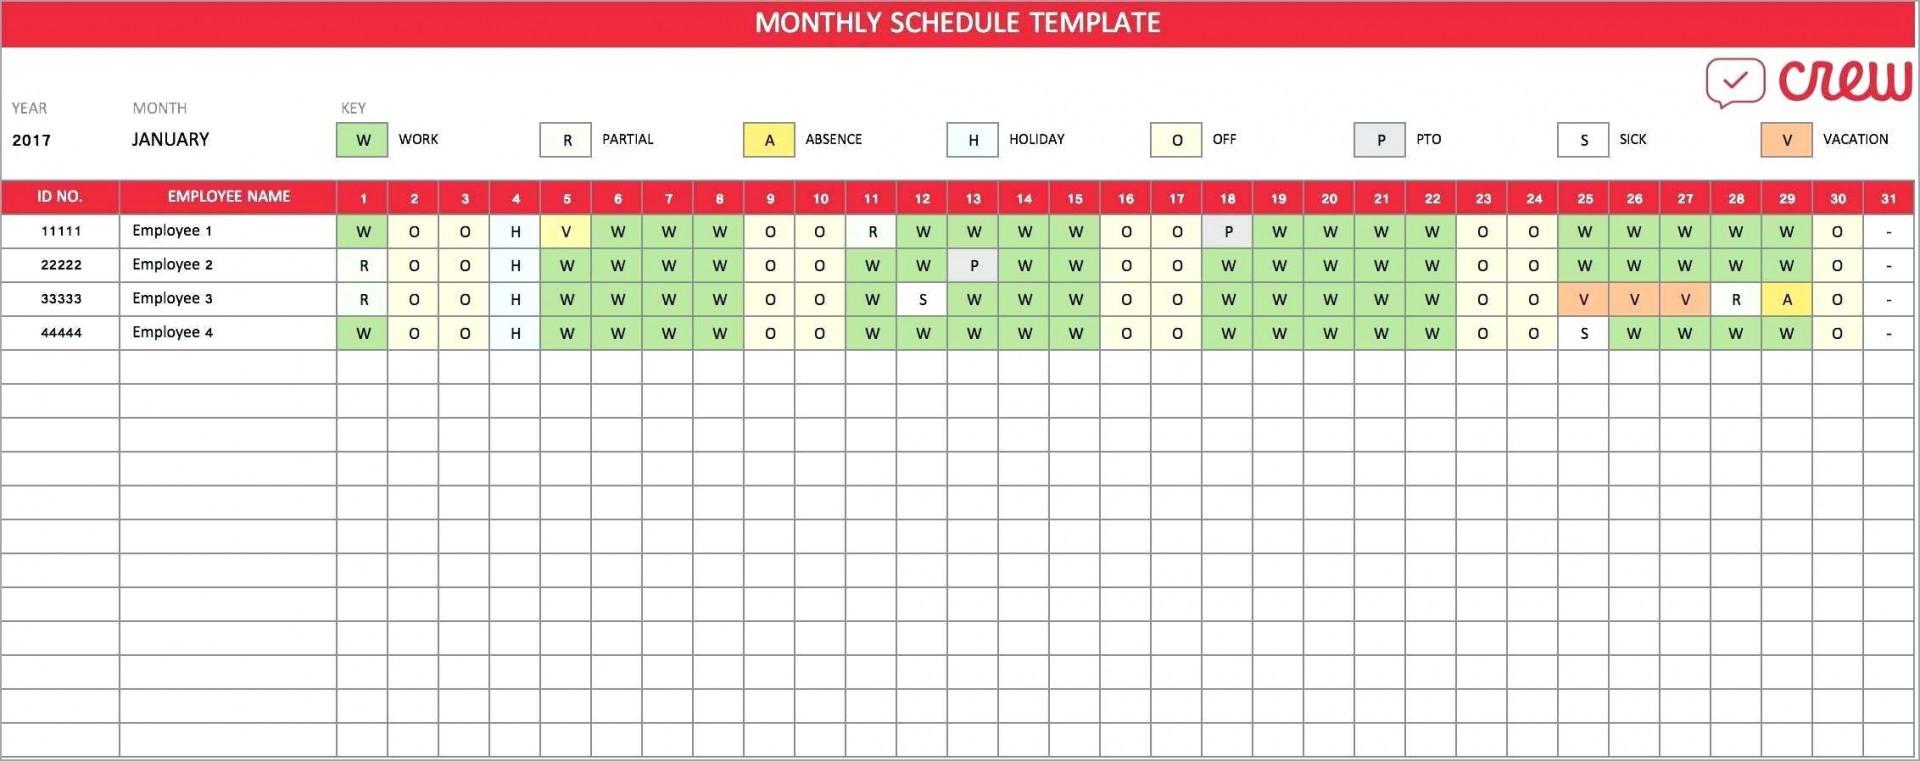 Catch Hfd 2020 Monthly Shift Calendar   Calendar  Color Shift Calendar